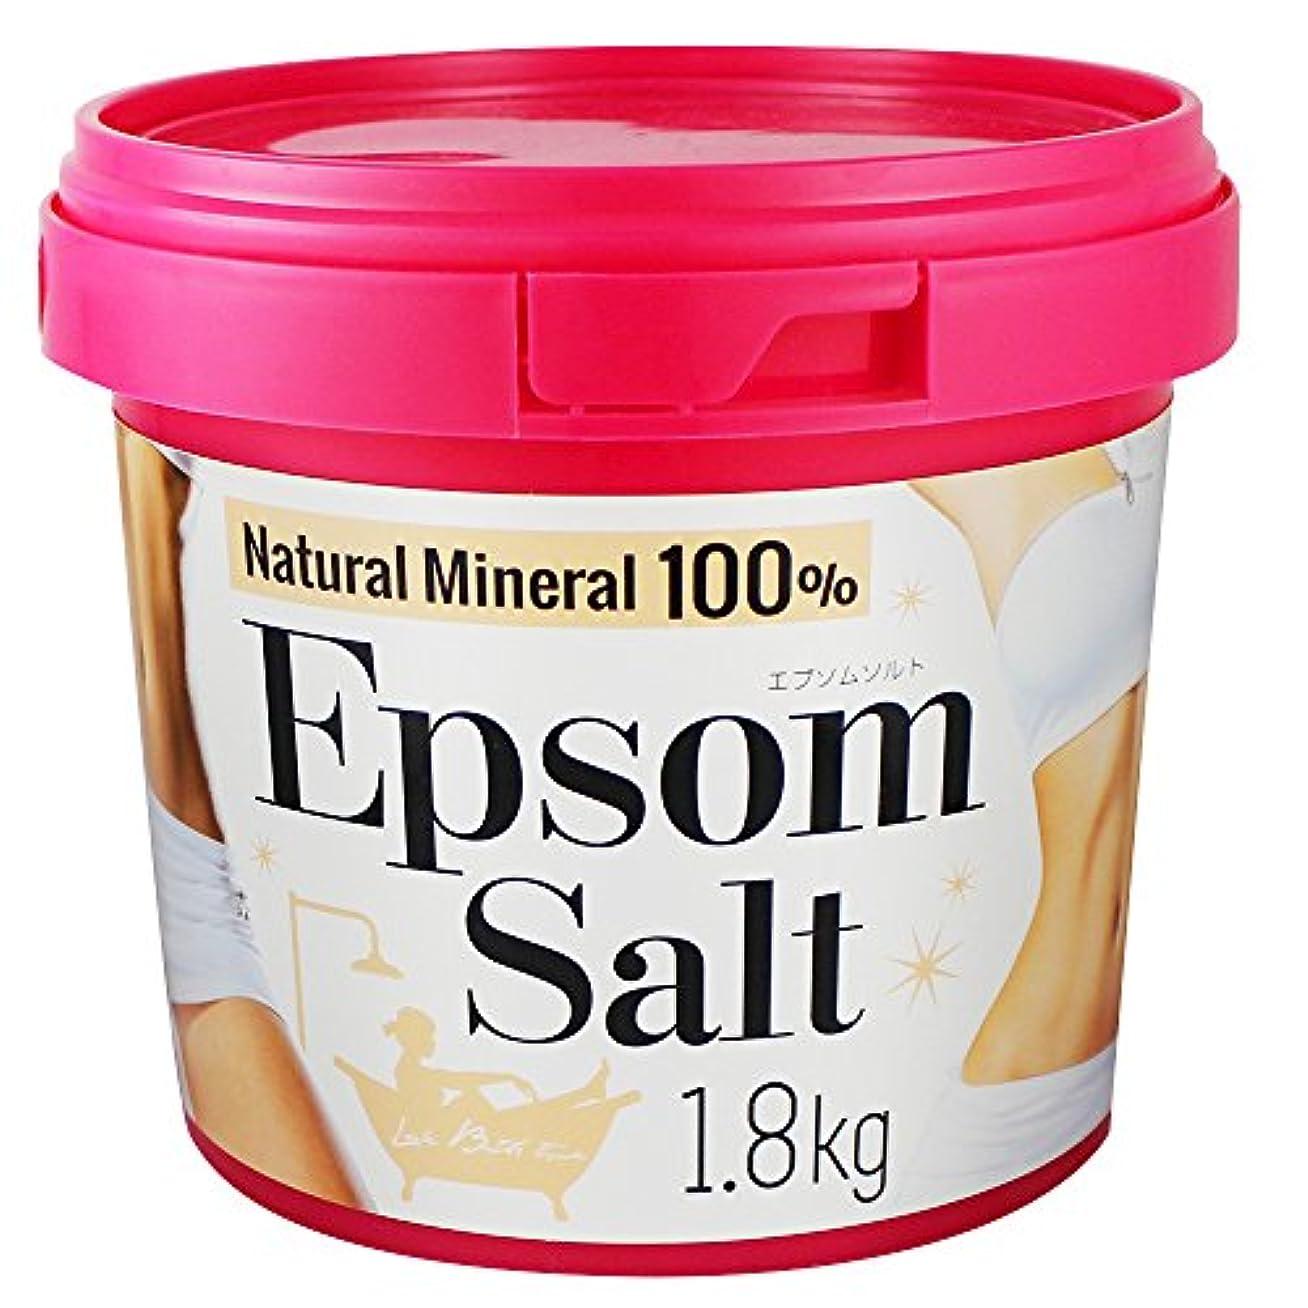 同種のリアルキリスト教エプソムソルト バケツ入りバスソルト 1.8kg